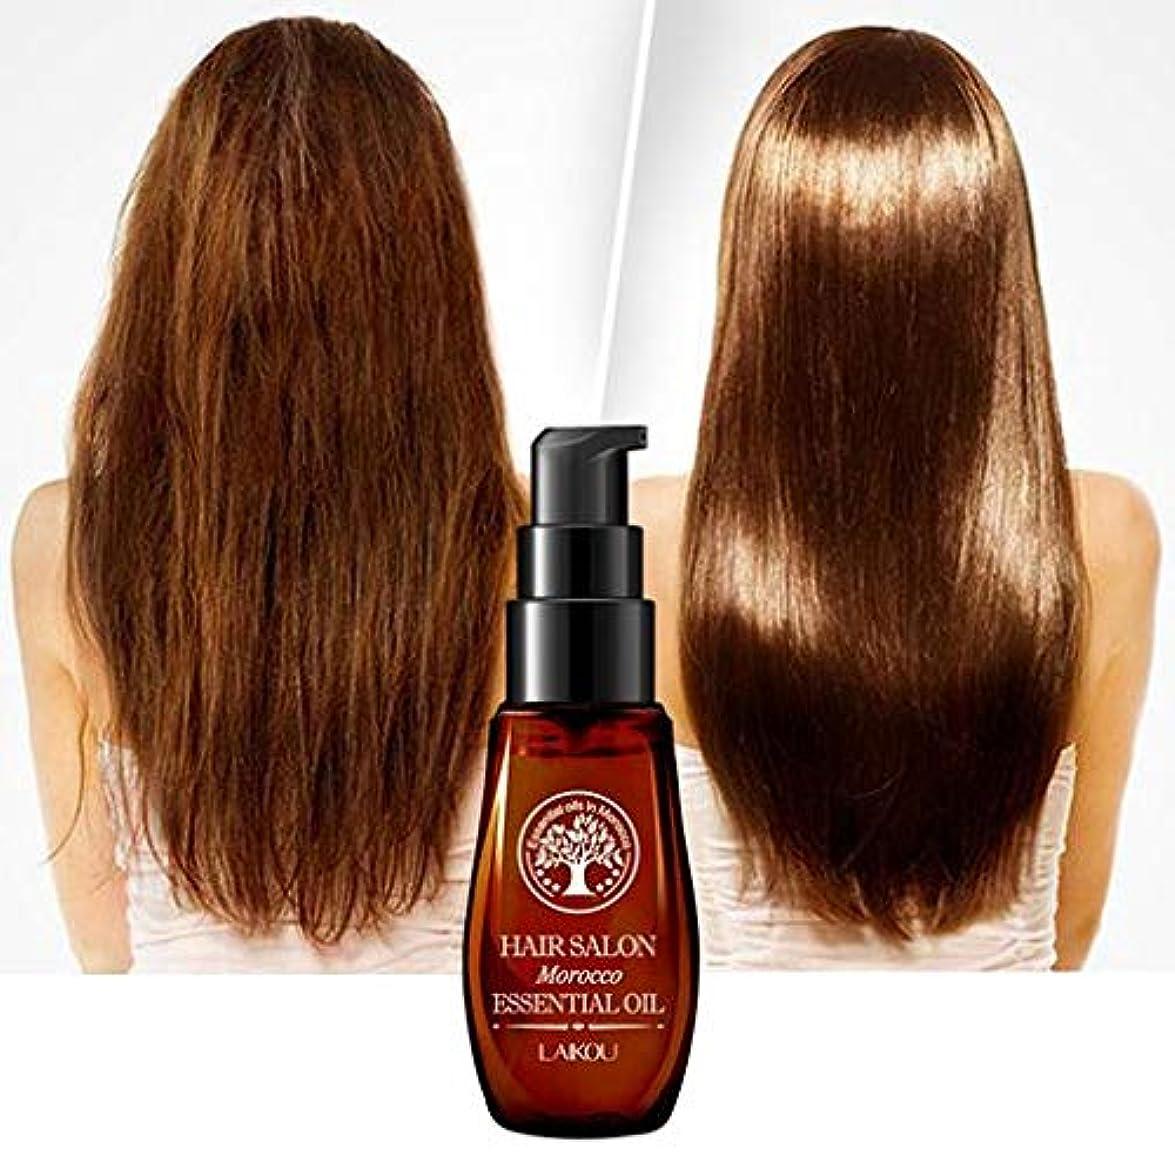 促す希少性あからさまTerGOOSE ヘアオイル ヘアケアエッセンシャルオイル オイル モロッコ グリセロール ツヤ髪 薄毛改善 ヘア保護 艶髪 静電気防止